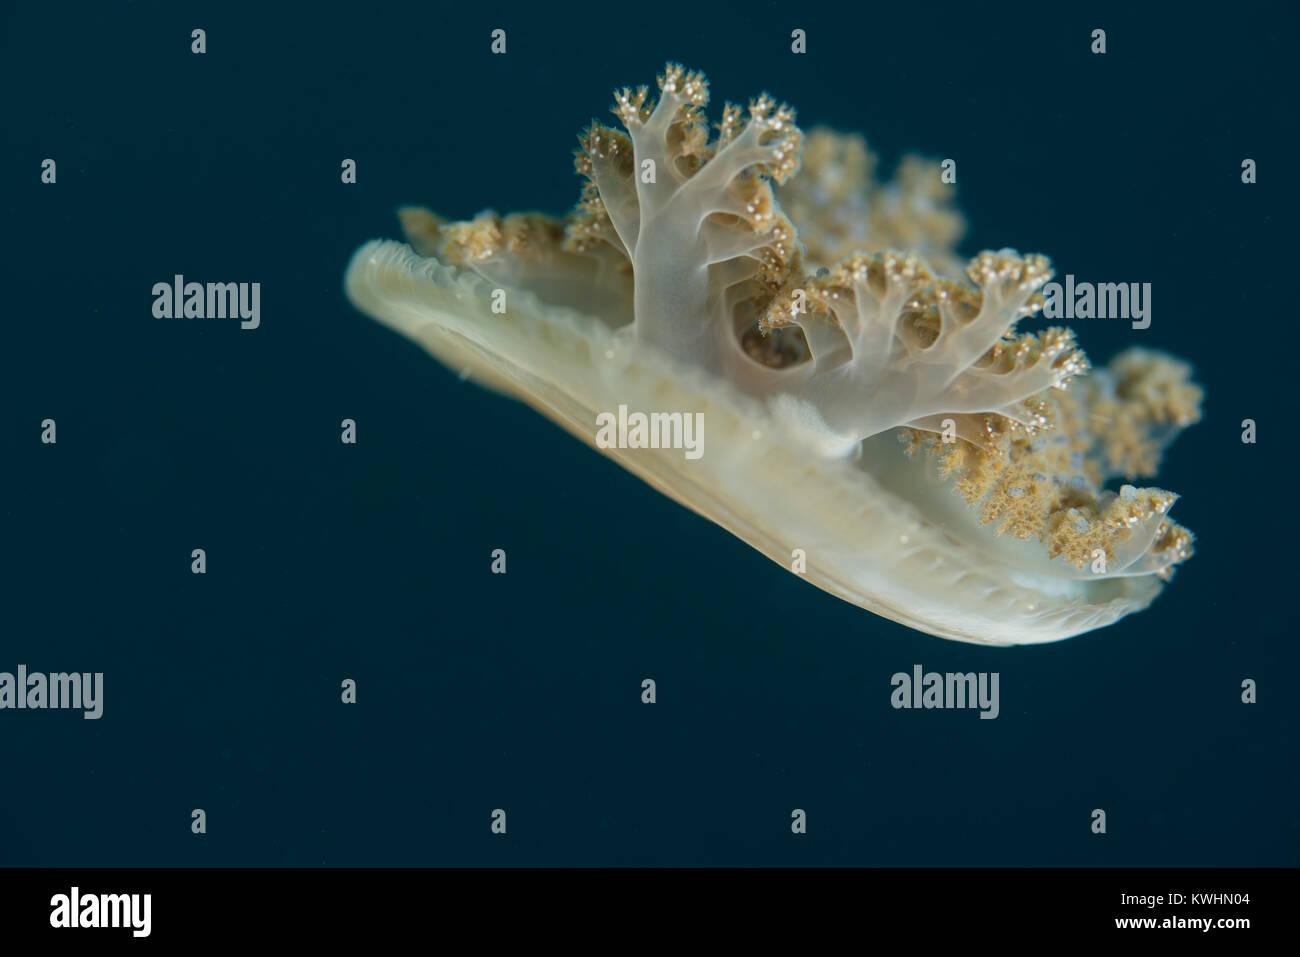 Sottosopra le meduse che si muove attraverso l'acqua Immagini Stock